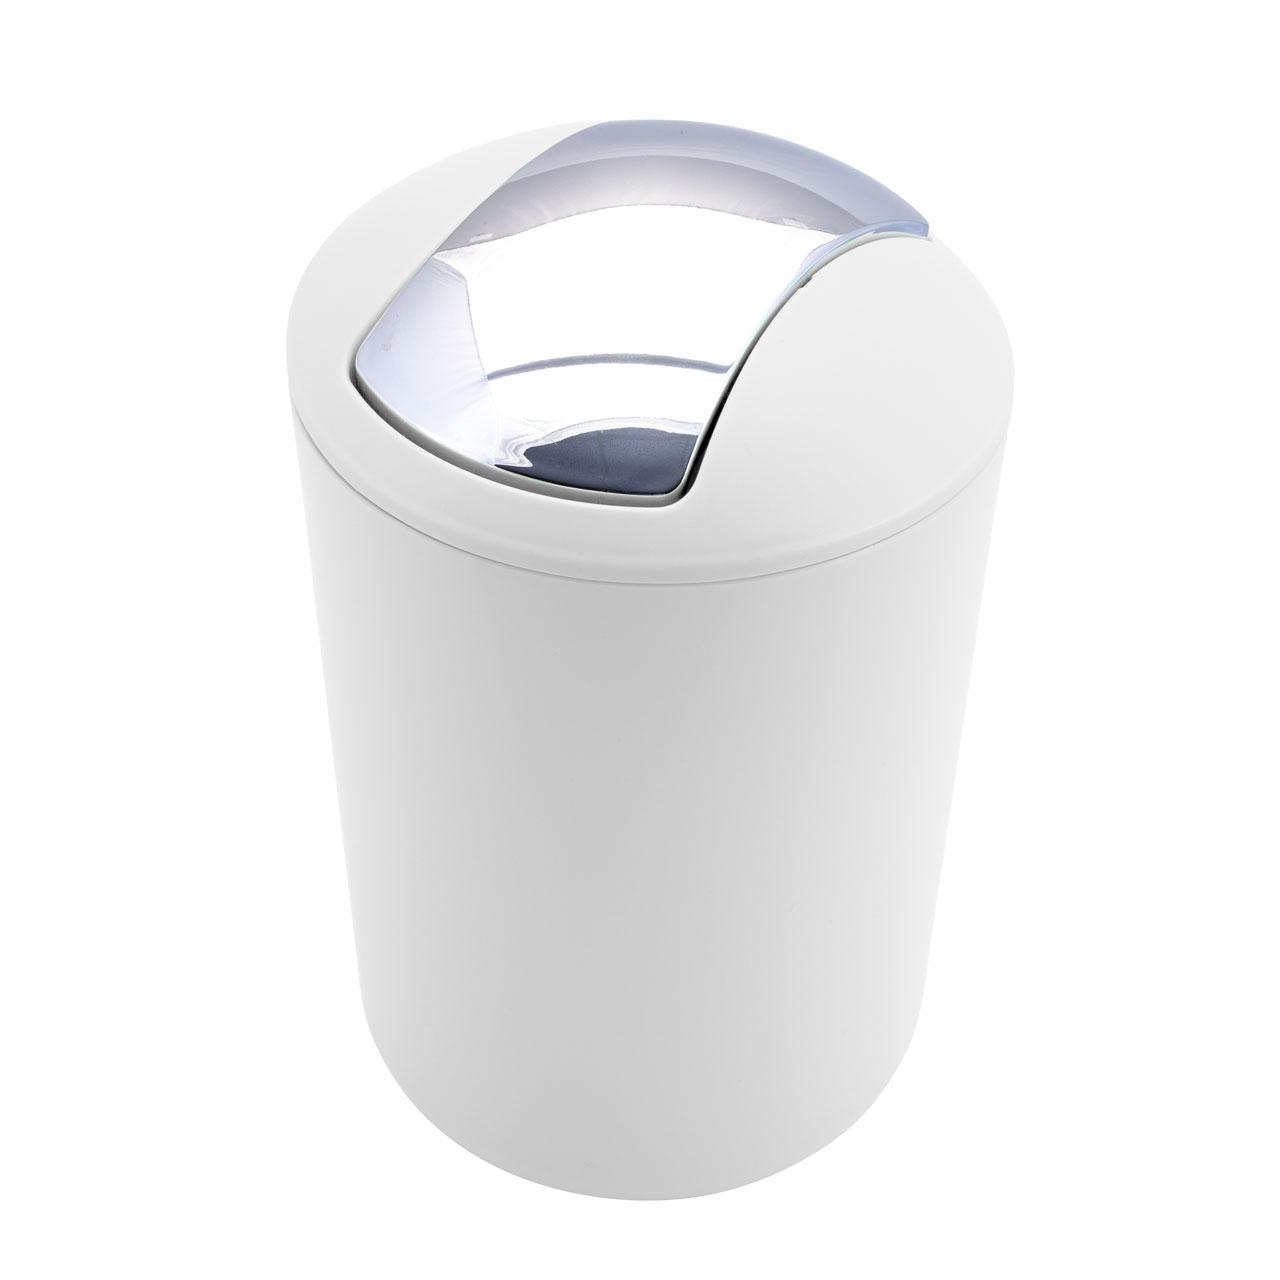 Odpadkový kôš / kúpeľňa 6l biela + chróm